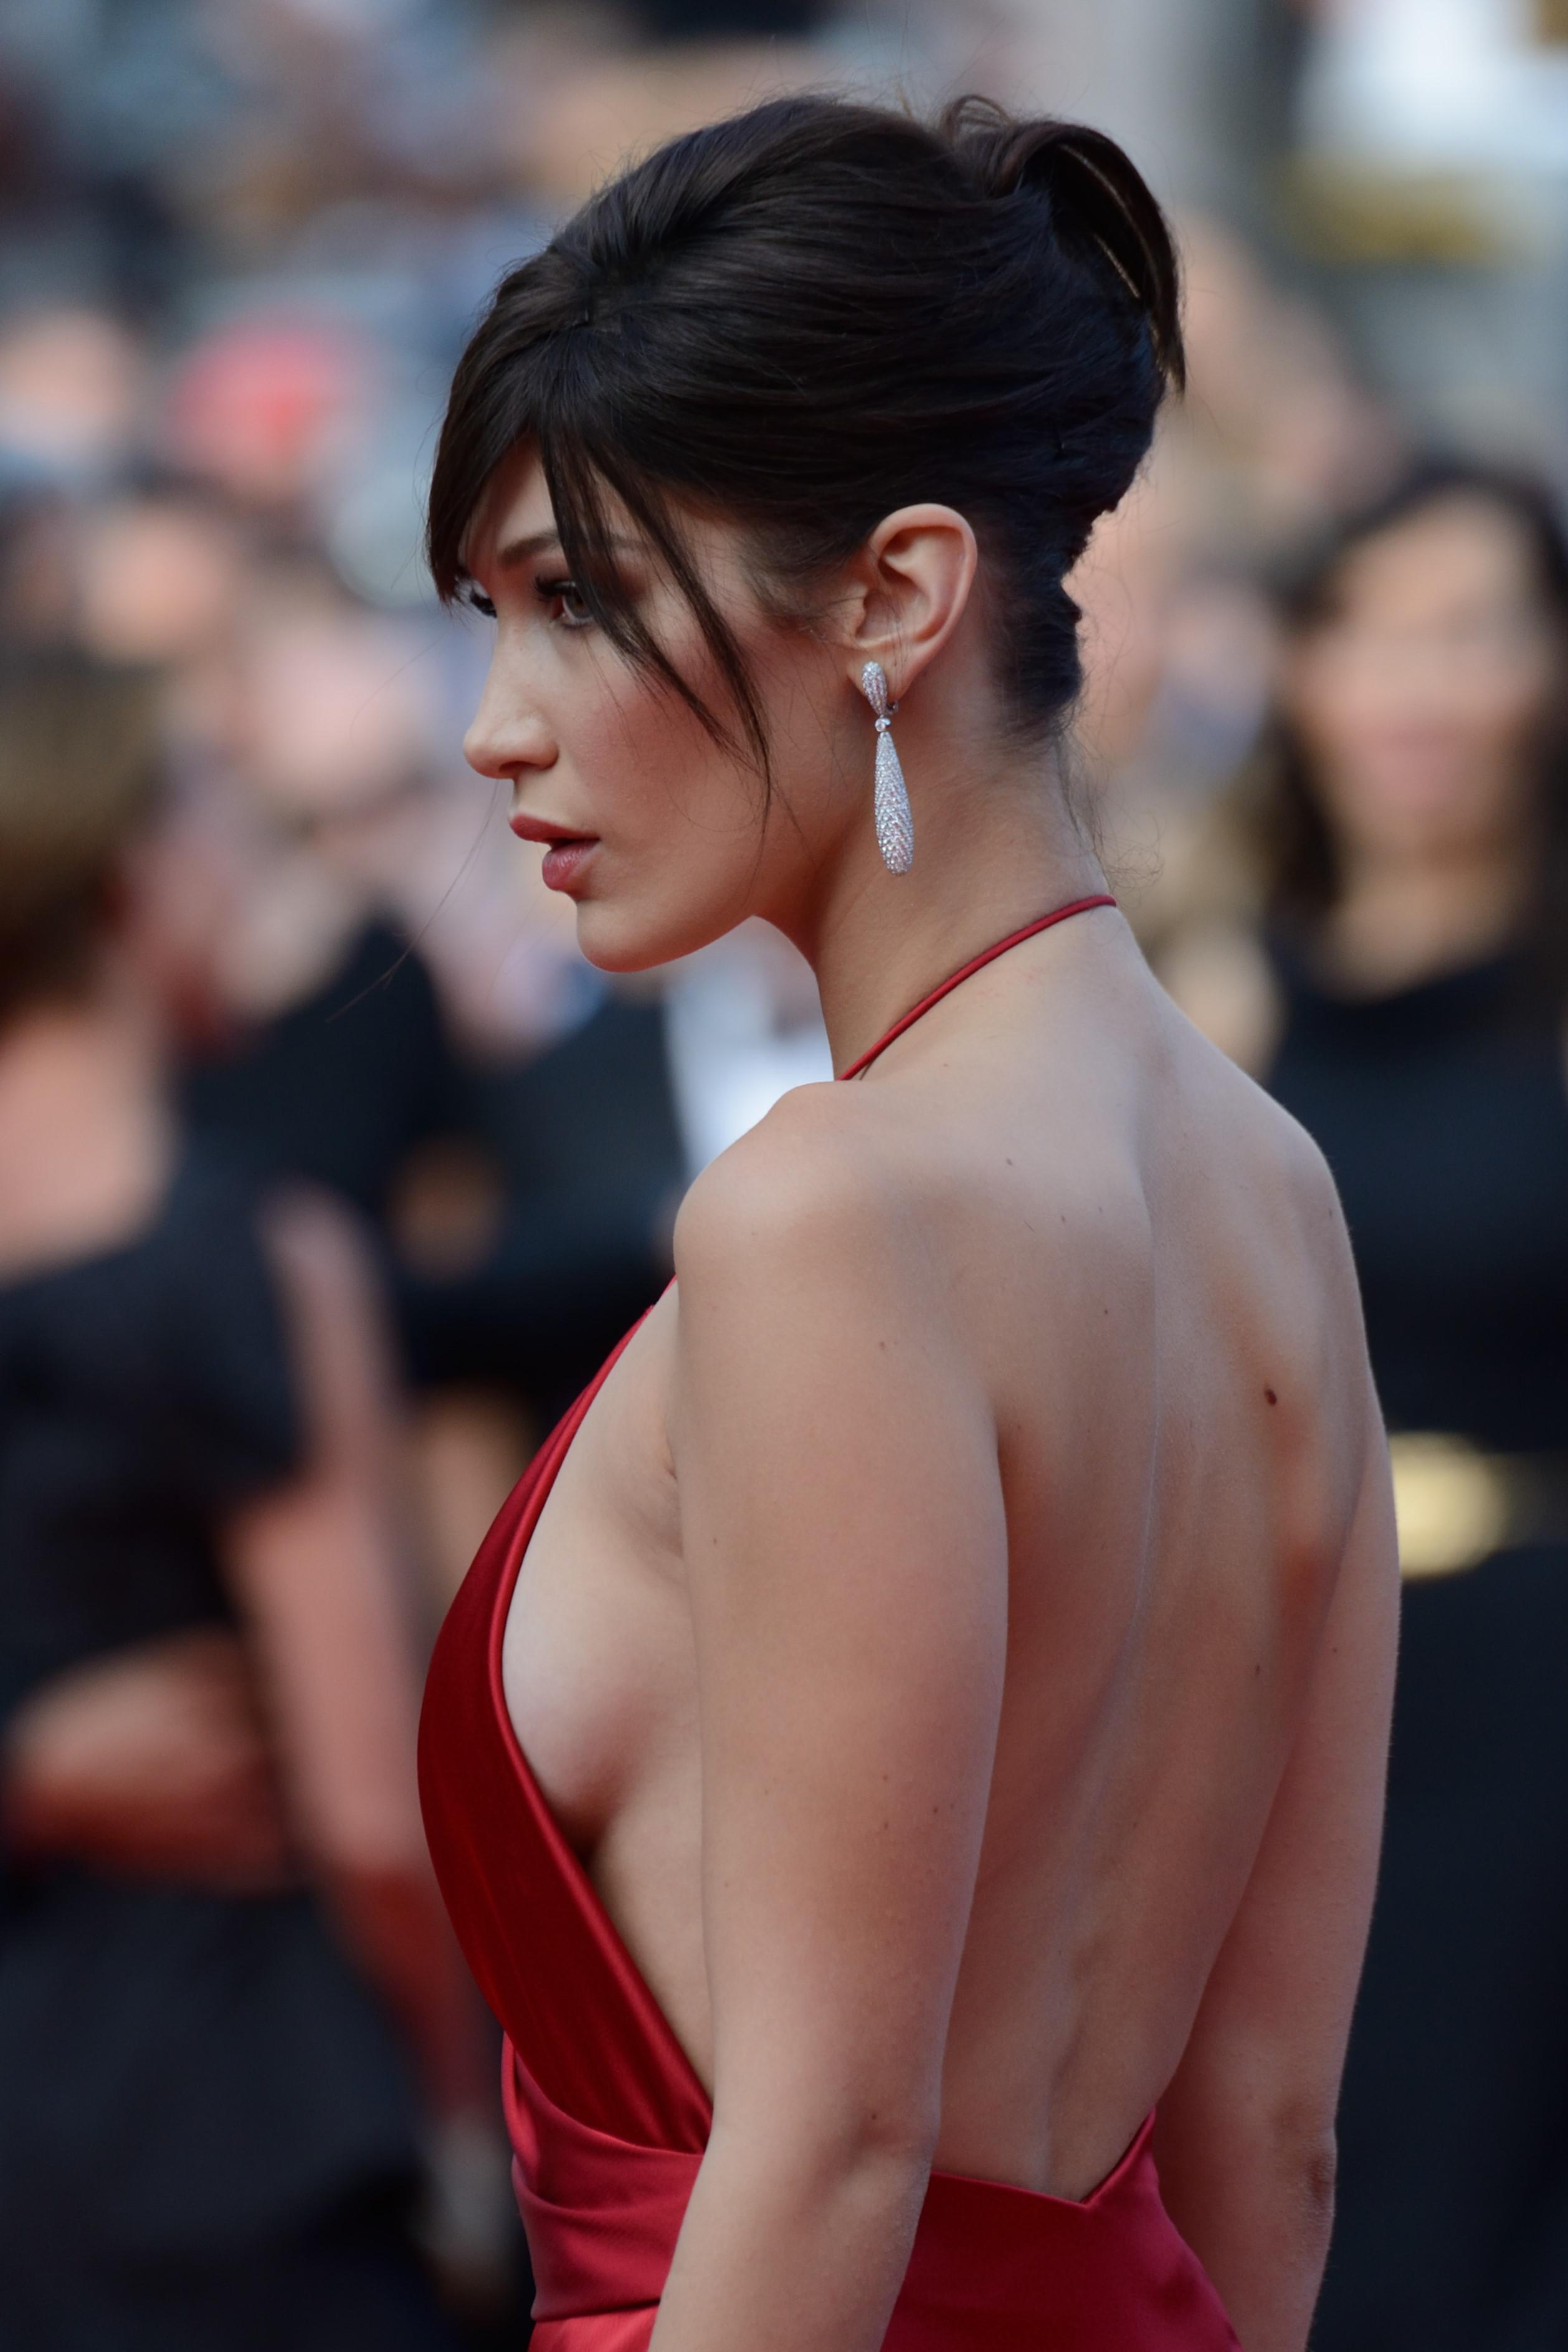 Le chignon banane de Bella Hadid au Festival de Cannes 2016 - Les plus belles coiffures des ...